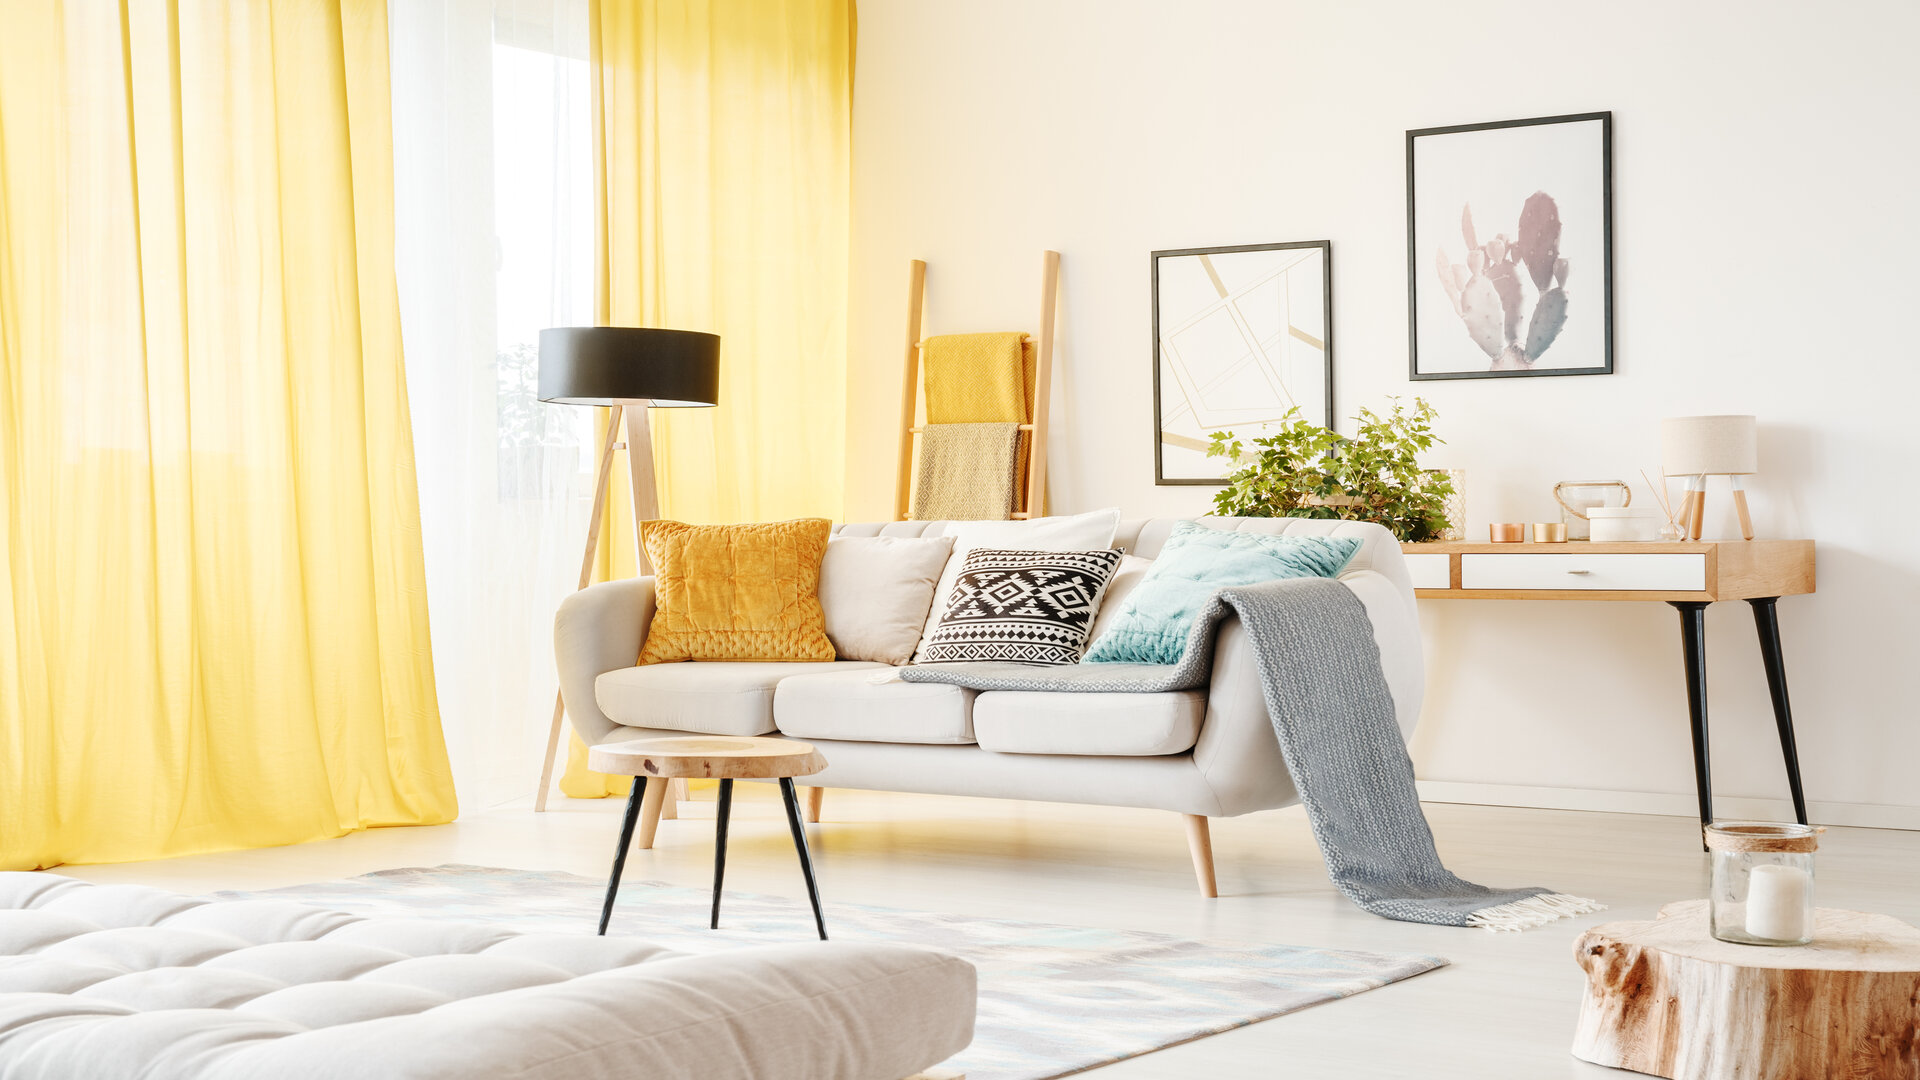 Comment Choisir Ses Rideaux comment choisir ses rideaux de salon - home-coaching